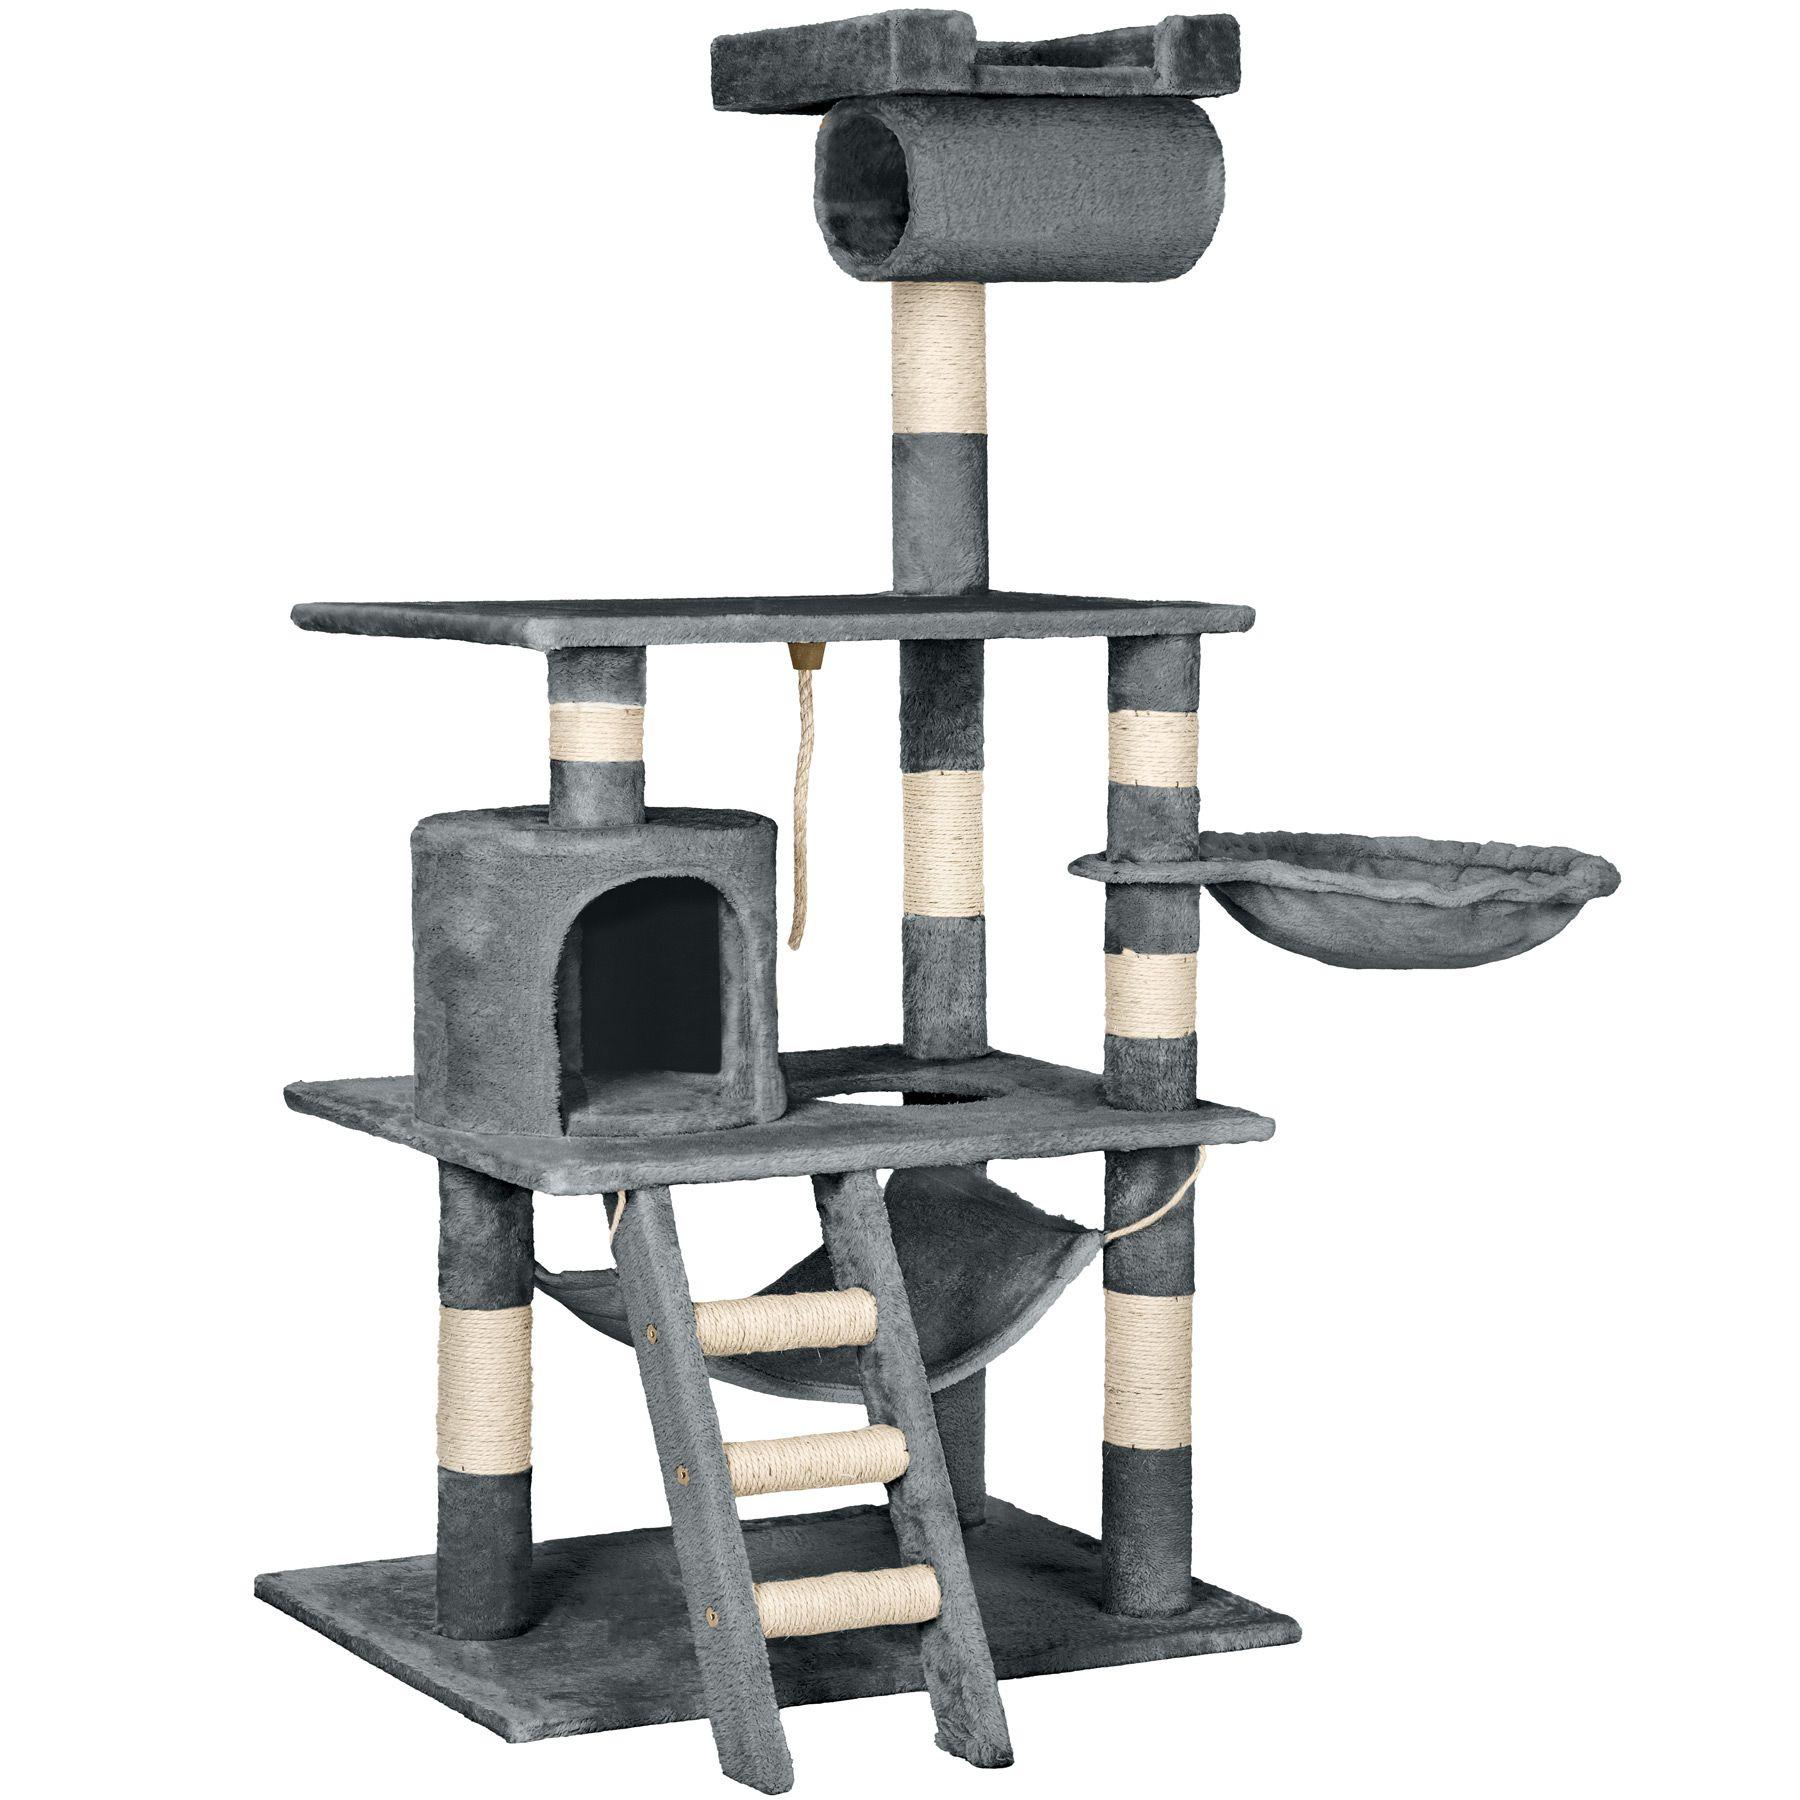 arbre chat griffoir grattoir geant avec hamac lit 141 cm. Black Bedroom Furniture Sets. Home Design Ideas